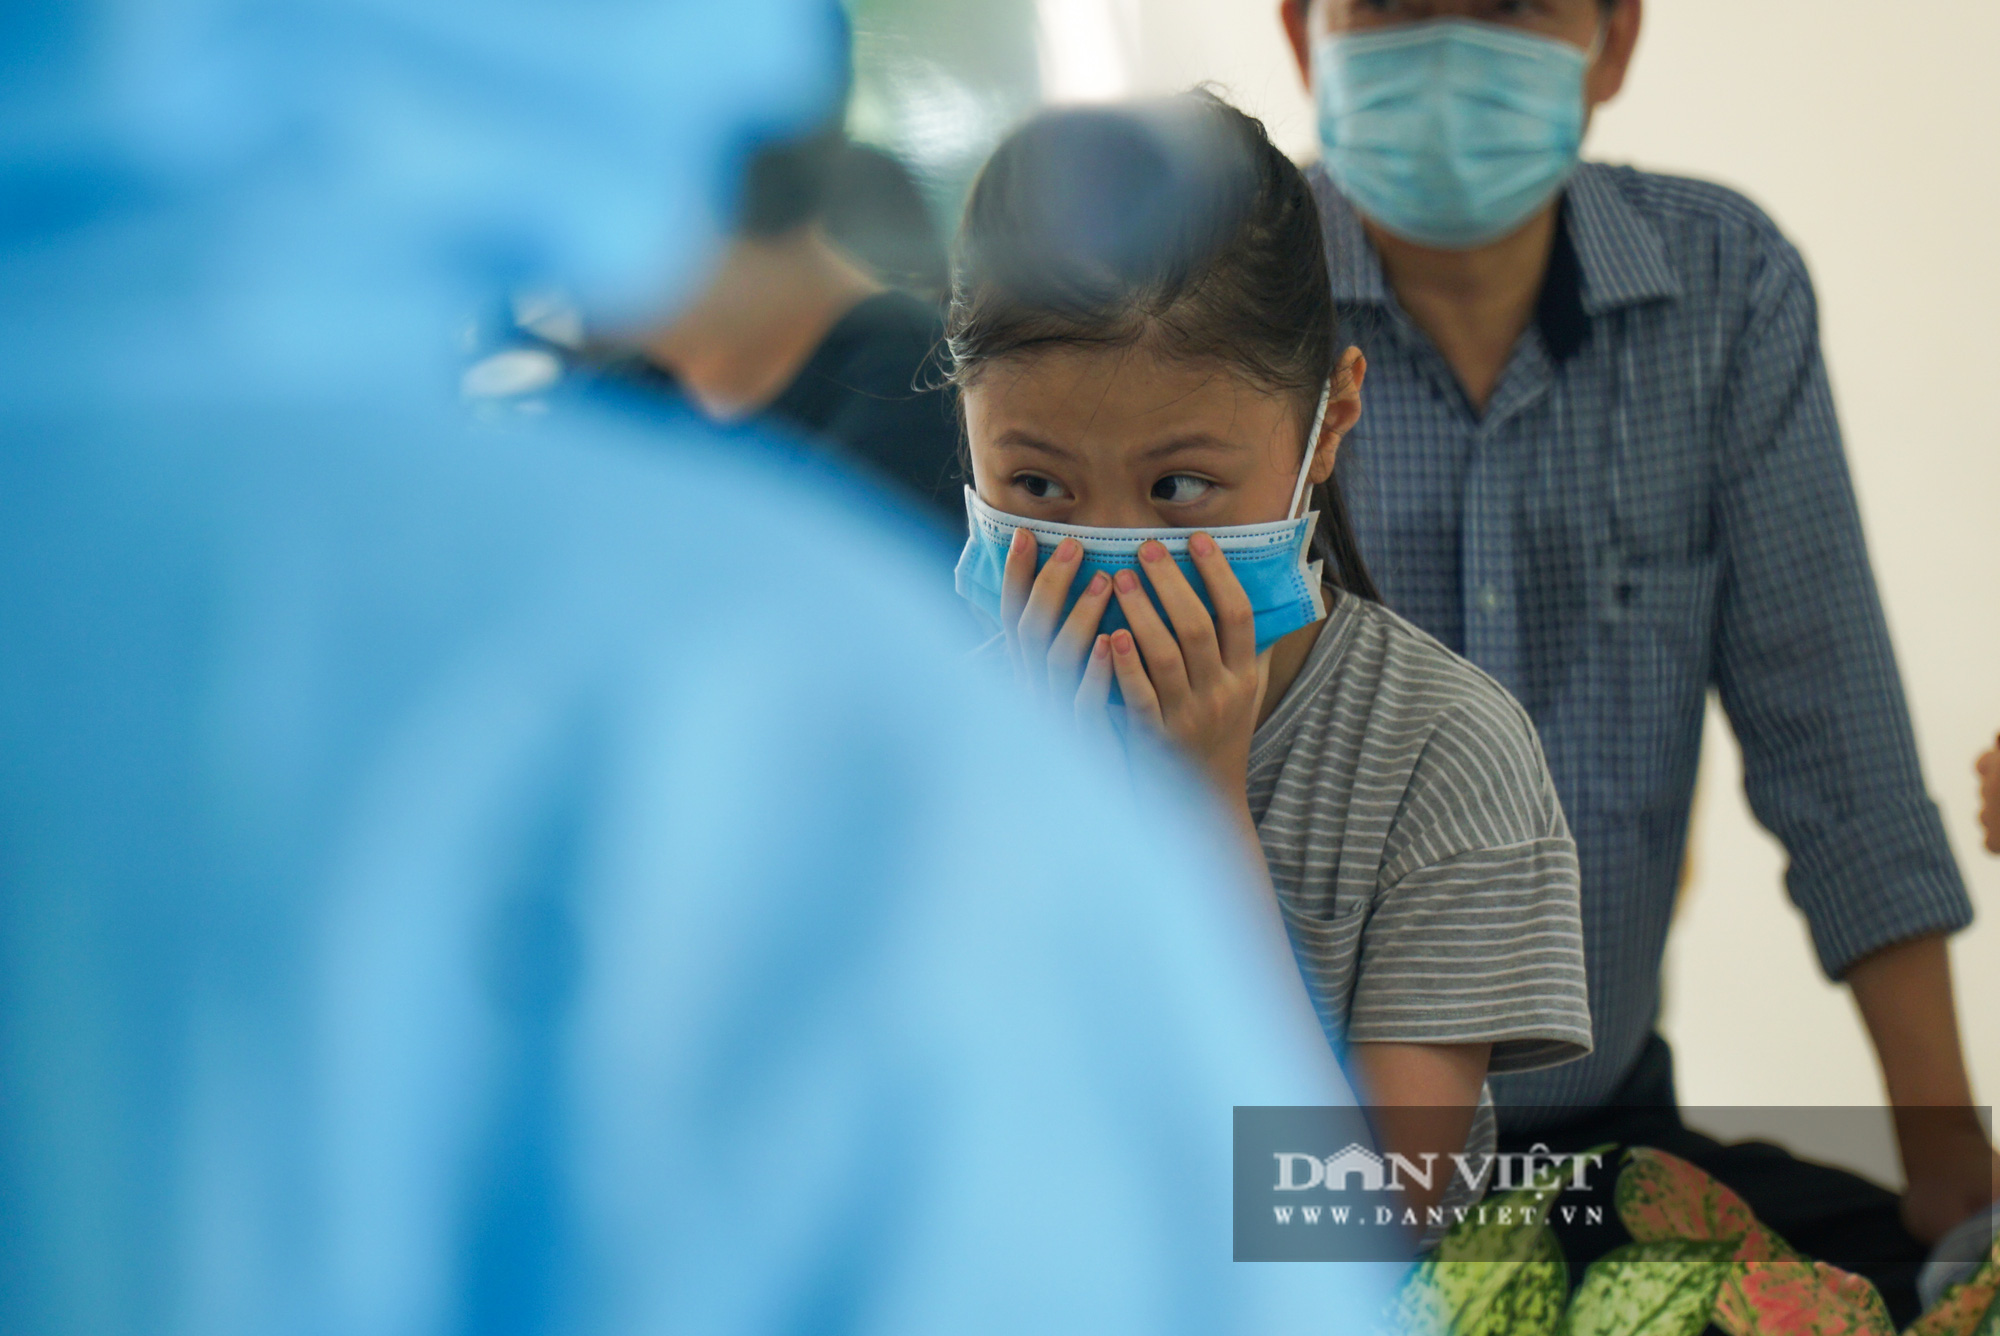 Hàng trăm người dân Hà Nội trở về từ Đà Nẵng tiếp tục được xét nghiệm nhanh Covid-19 - Ảnh 5.